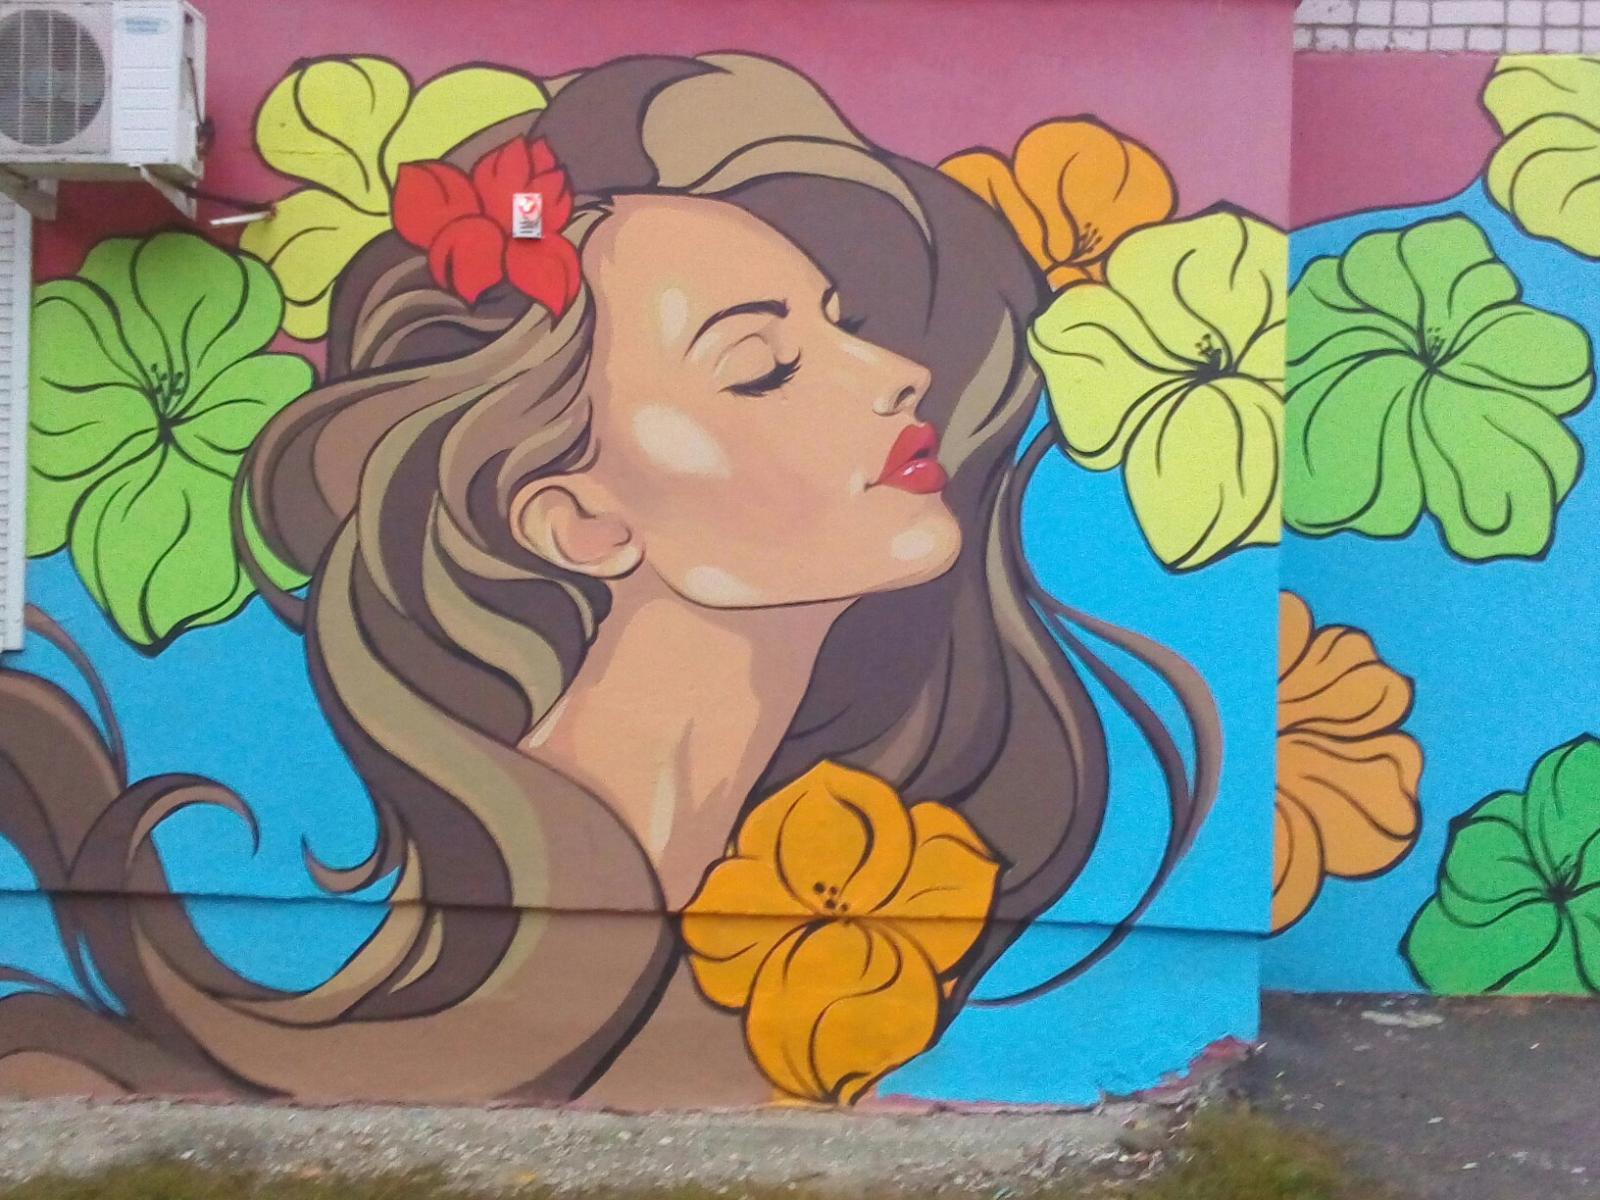 Брянцы восхищаются новым граффити возле школы №51